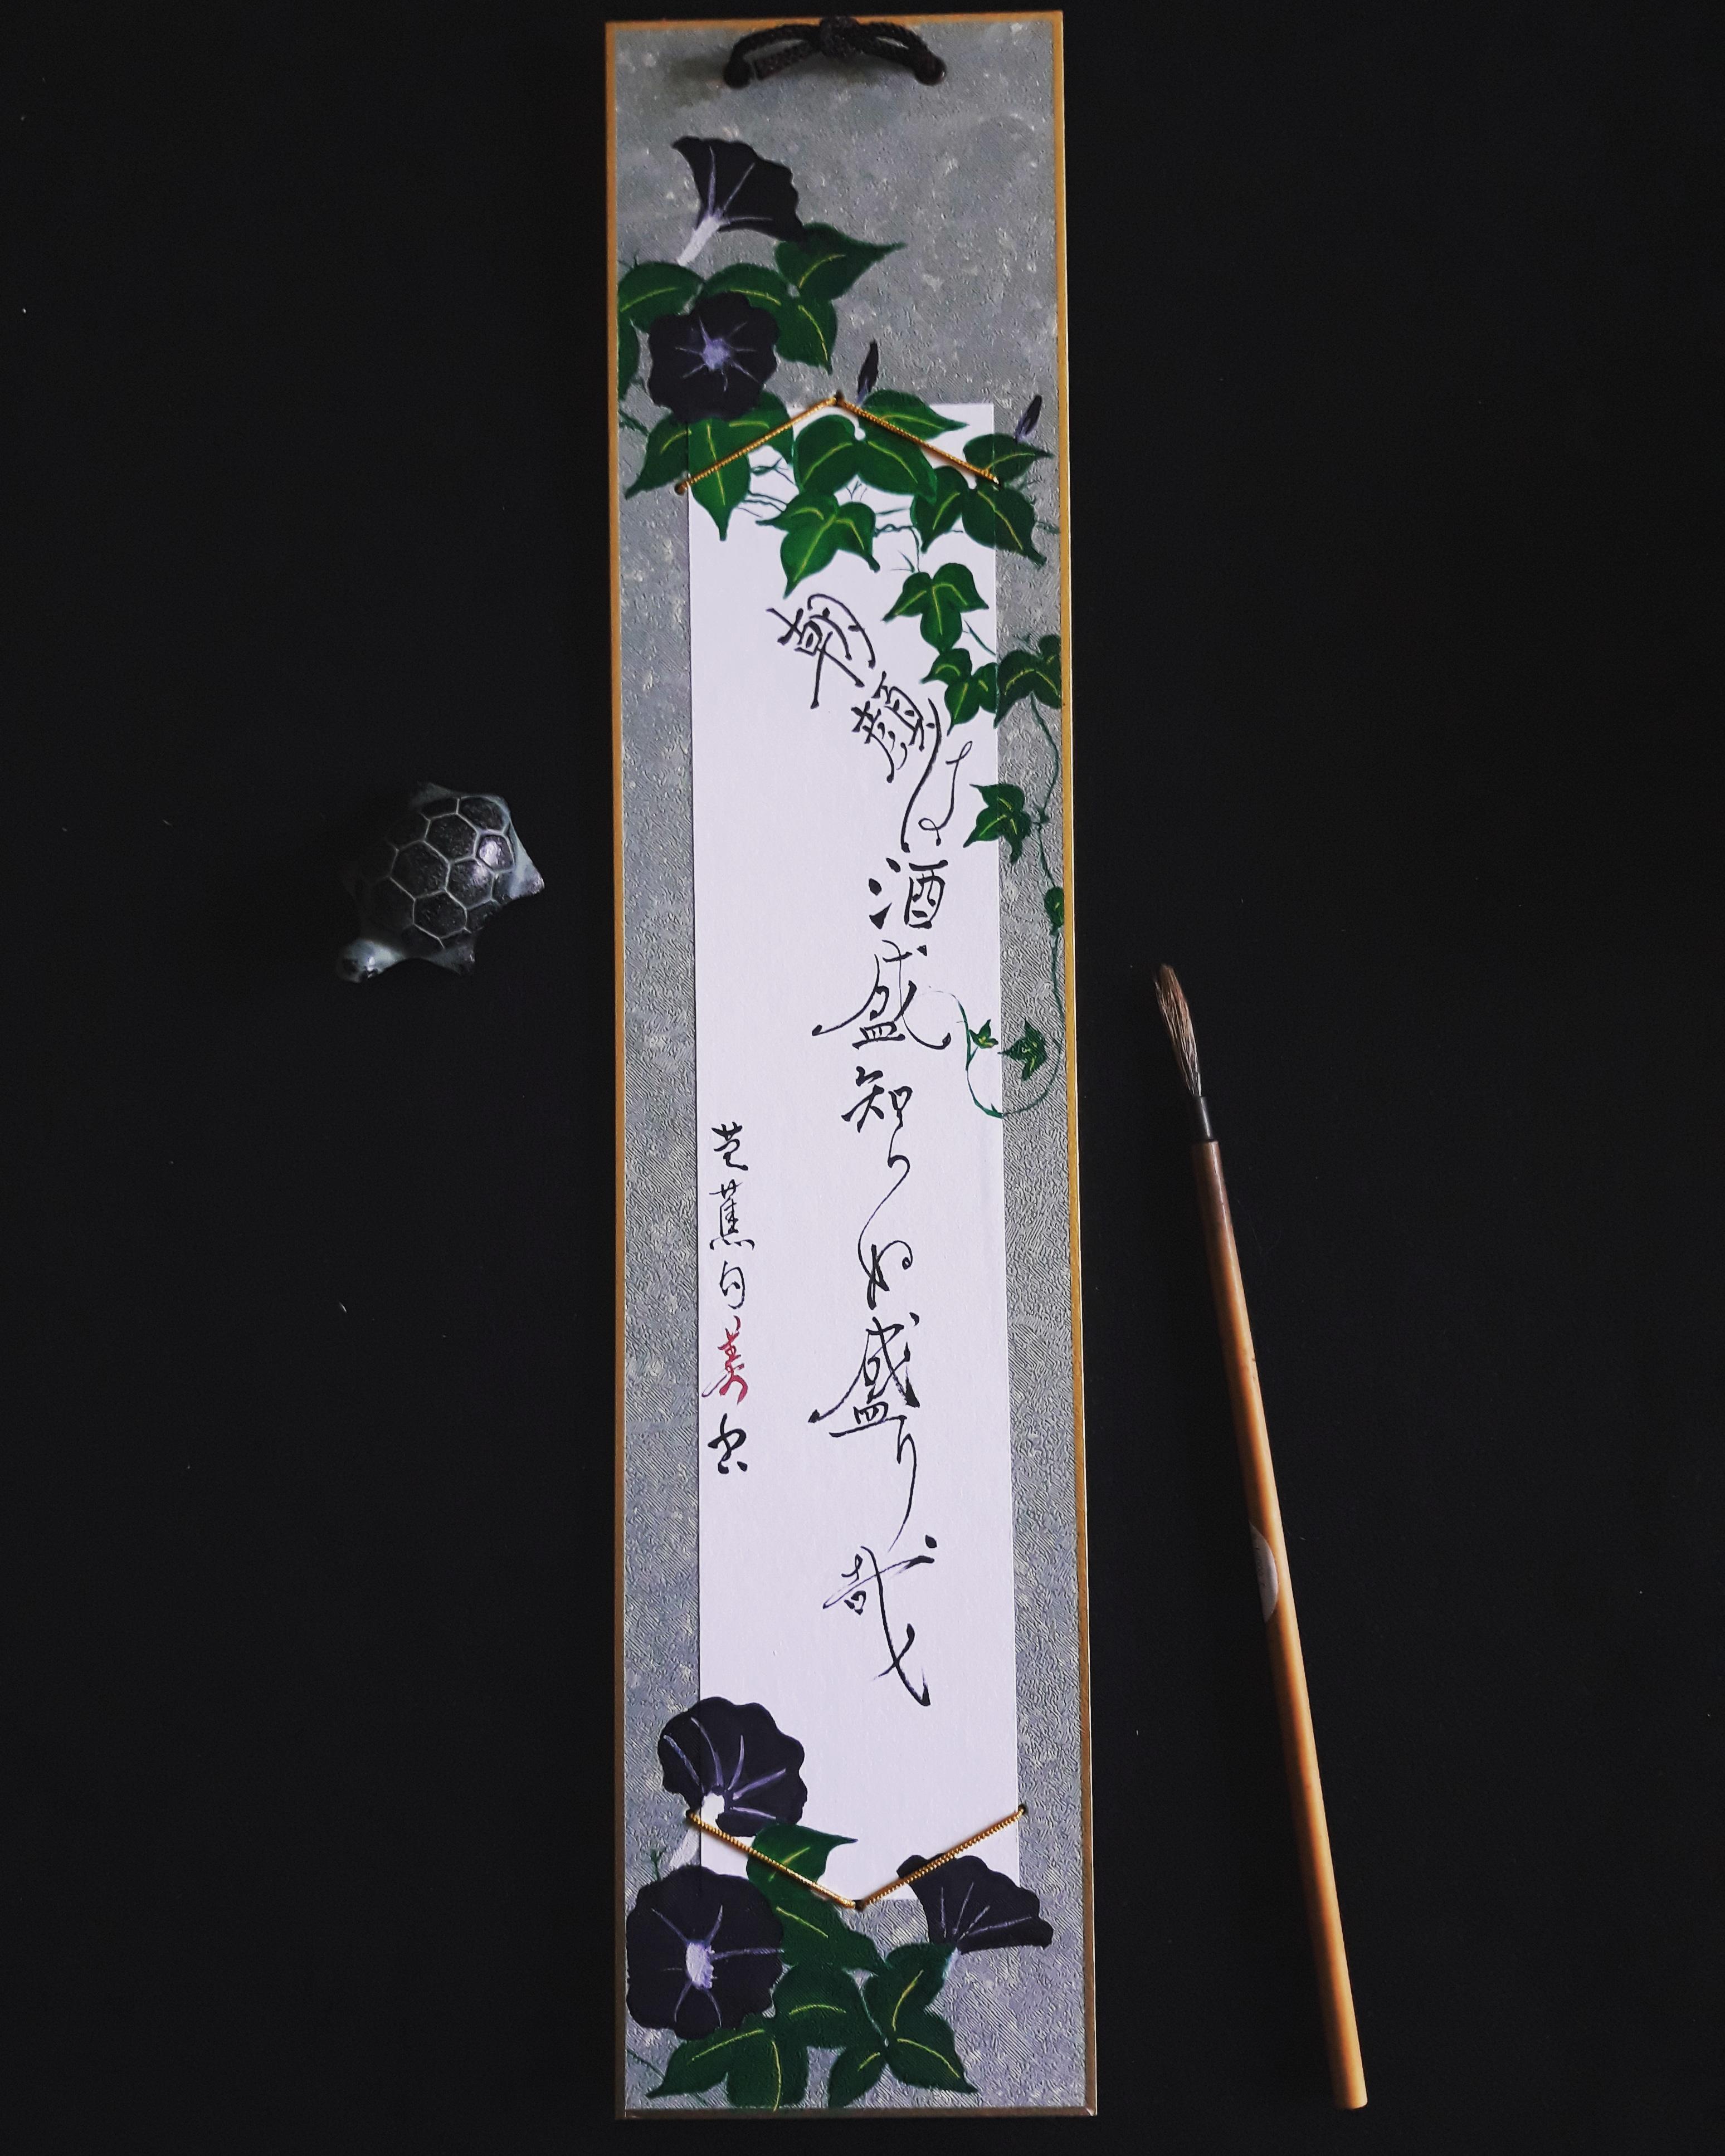 VENDU Au Japon l'été il fait très chaud et surtout humide ☀️😵 Ce tanzaku les couleurs sombres va porter un peu de fraîcheur 🍃朝顔は酒盛知らぬ盛り哉 Les liseron ignorant la beuverie en pleine floraison